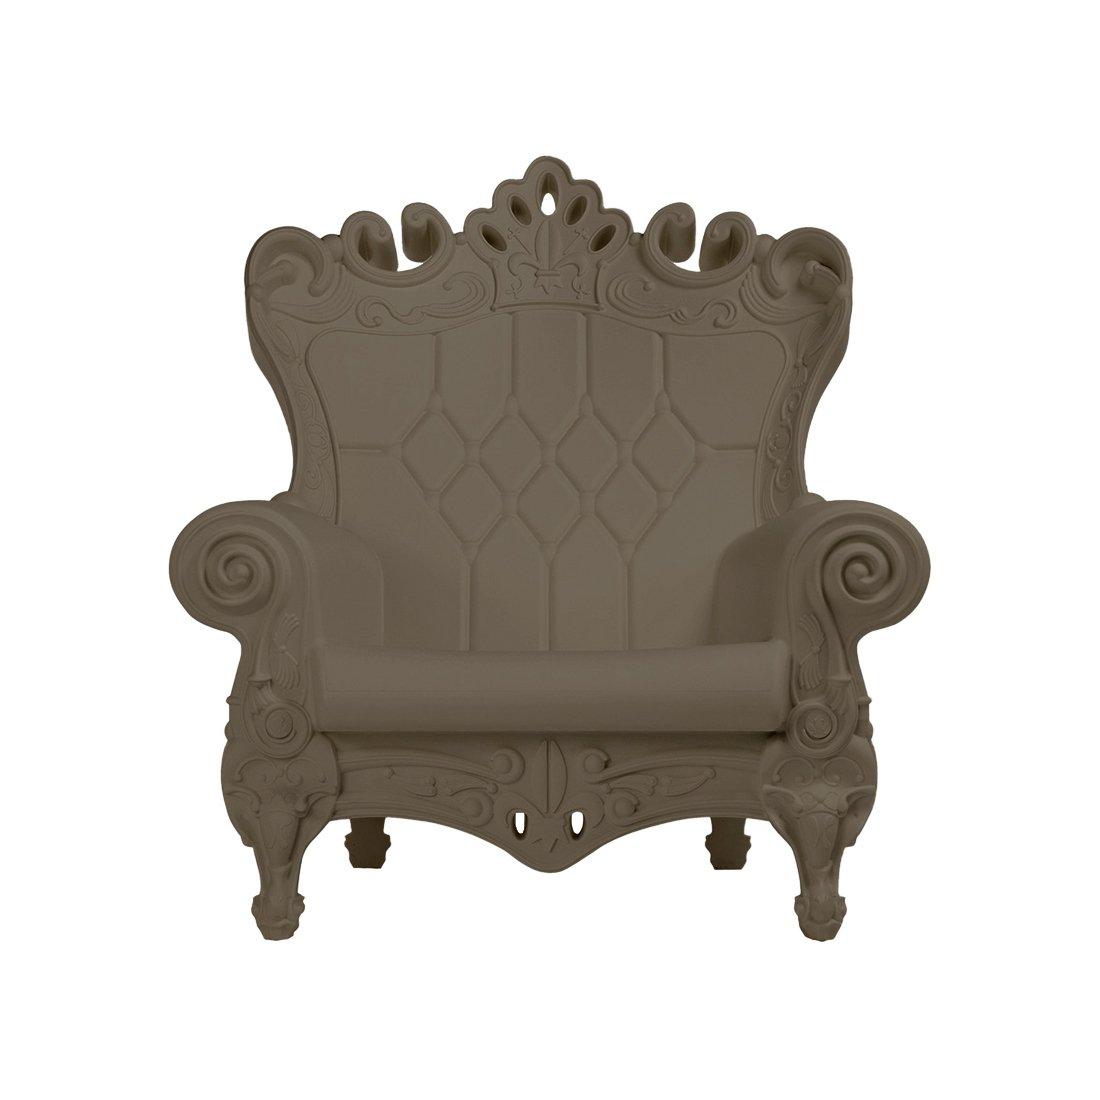 Design of Love - Slide Design - Little Queen of Love Baby armchair Argil grey (Original made in Italy)